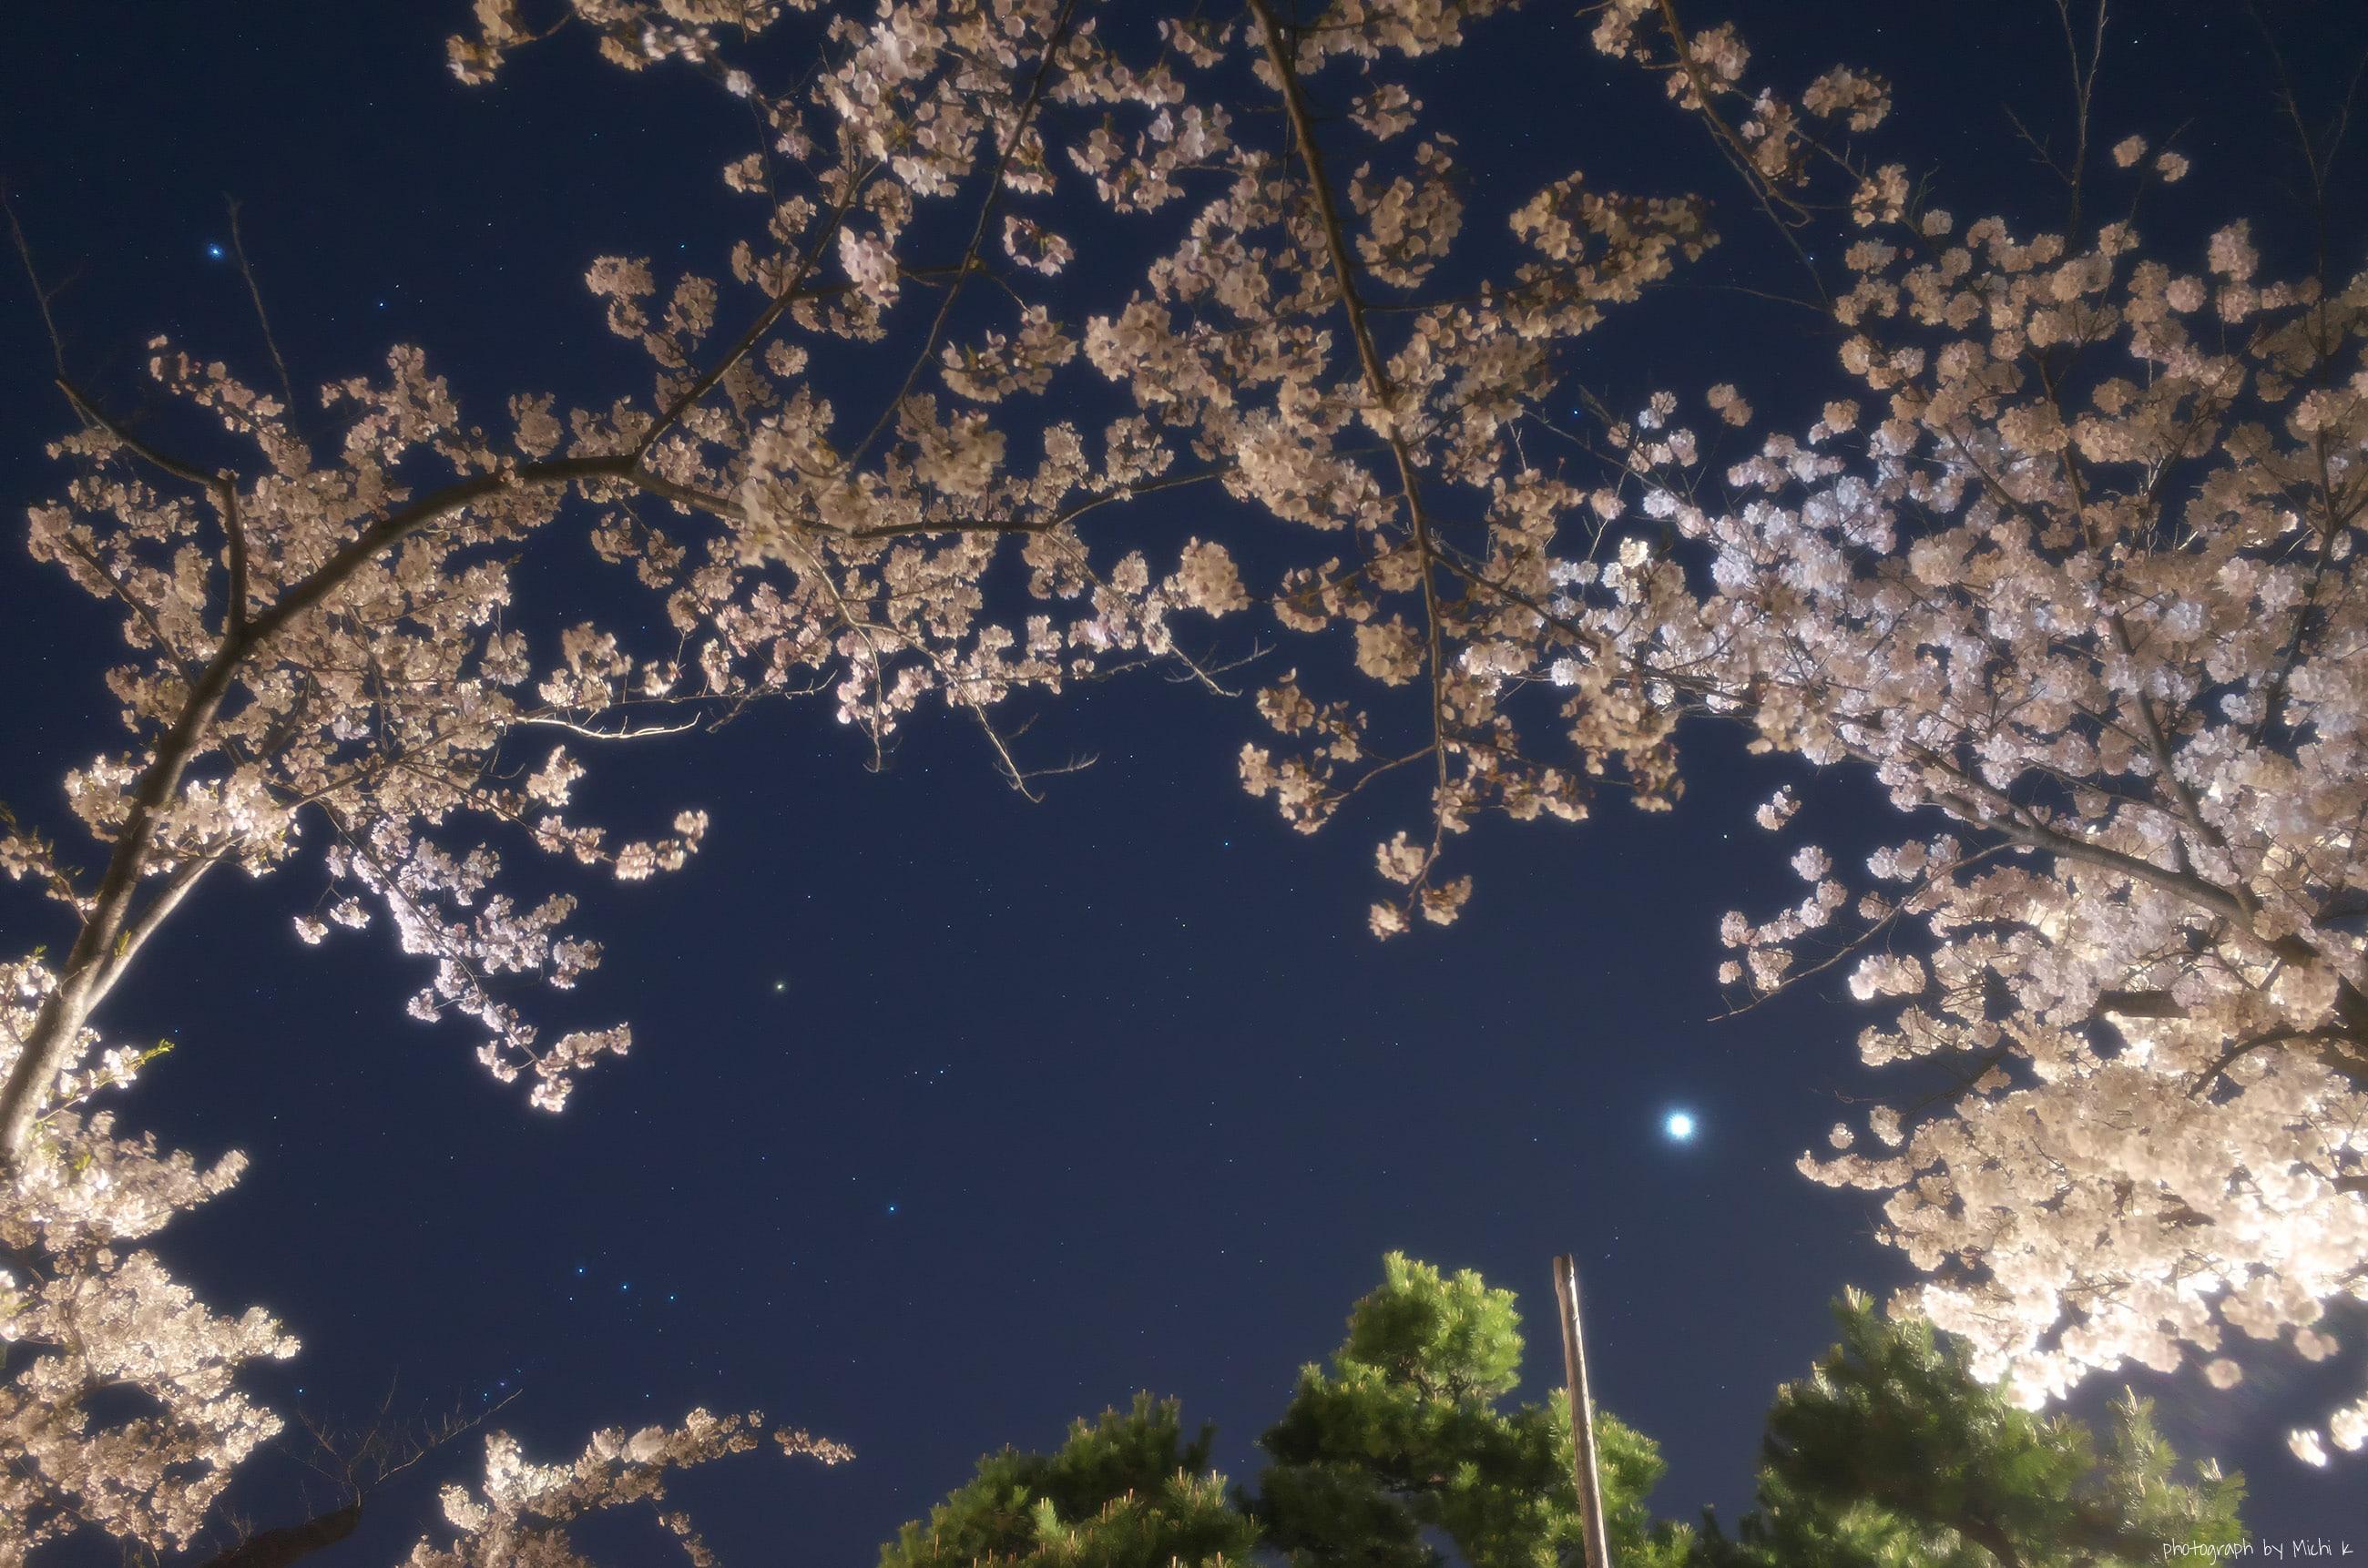 酒田市、夜桜の日和山公園2020-4-16(写真その2)